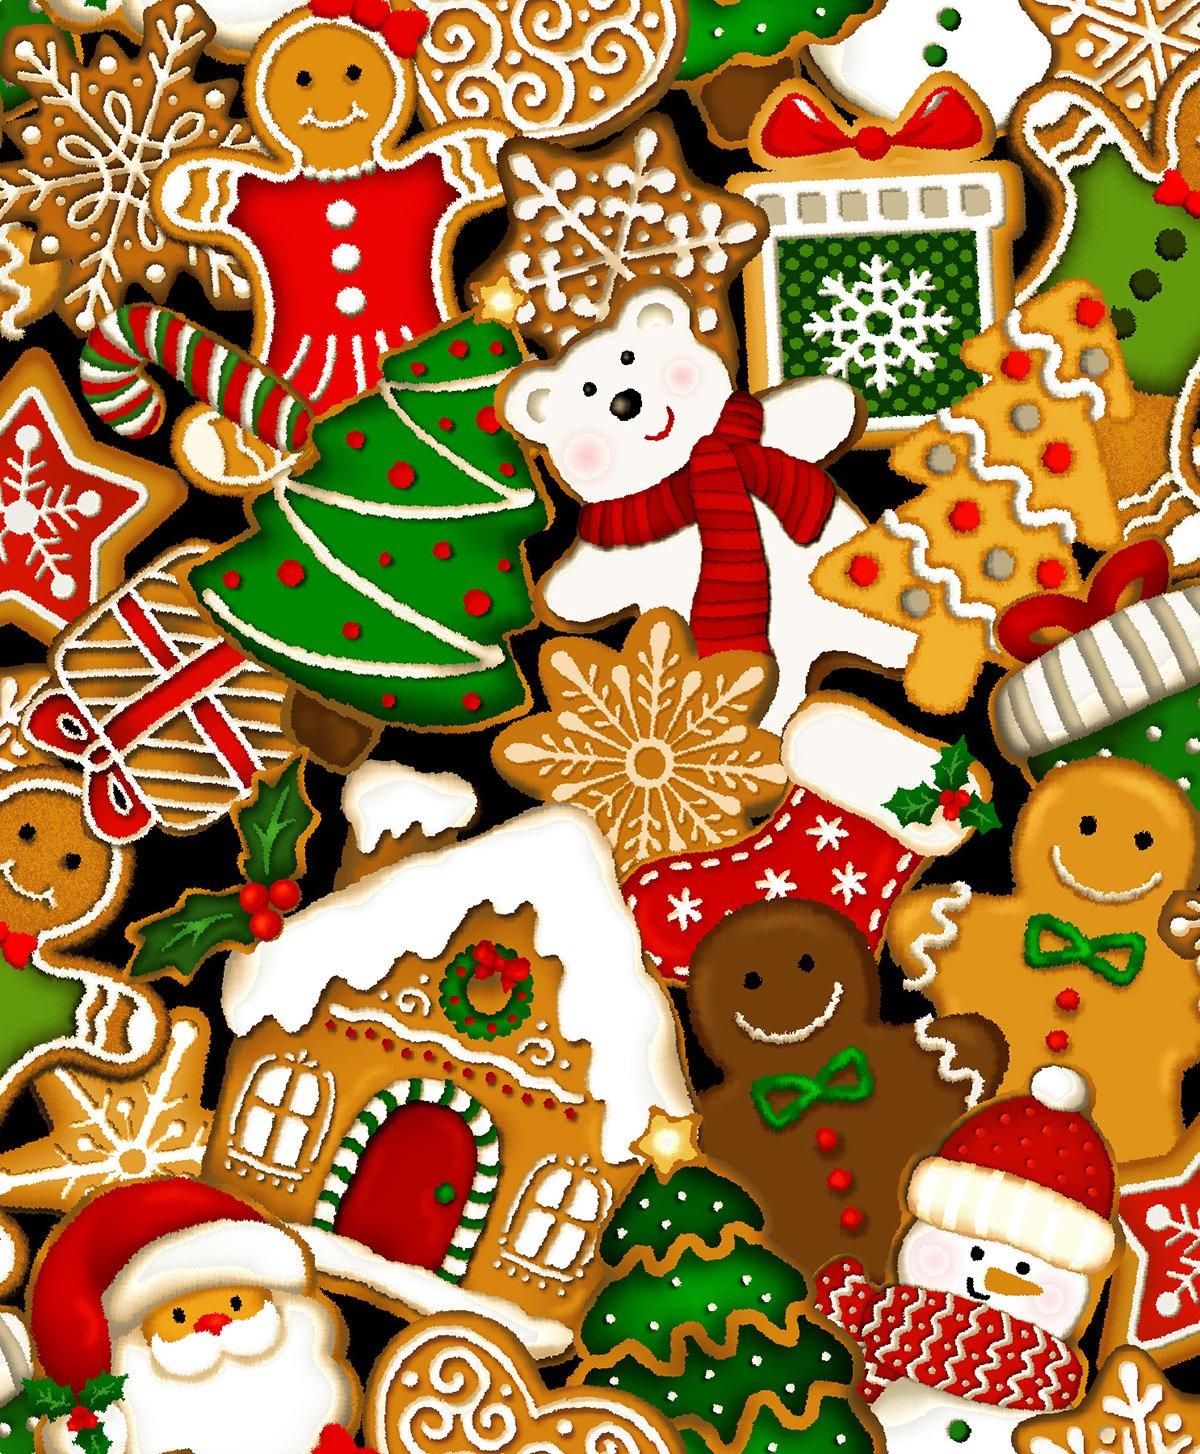 Noel 2021 - Stacked Cookies